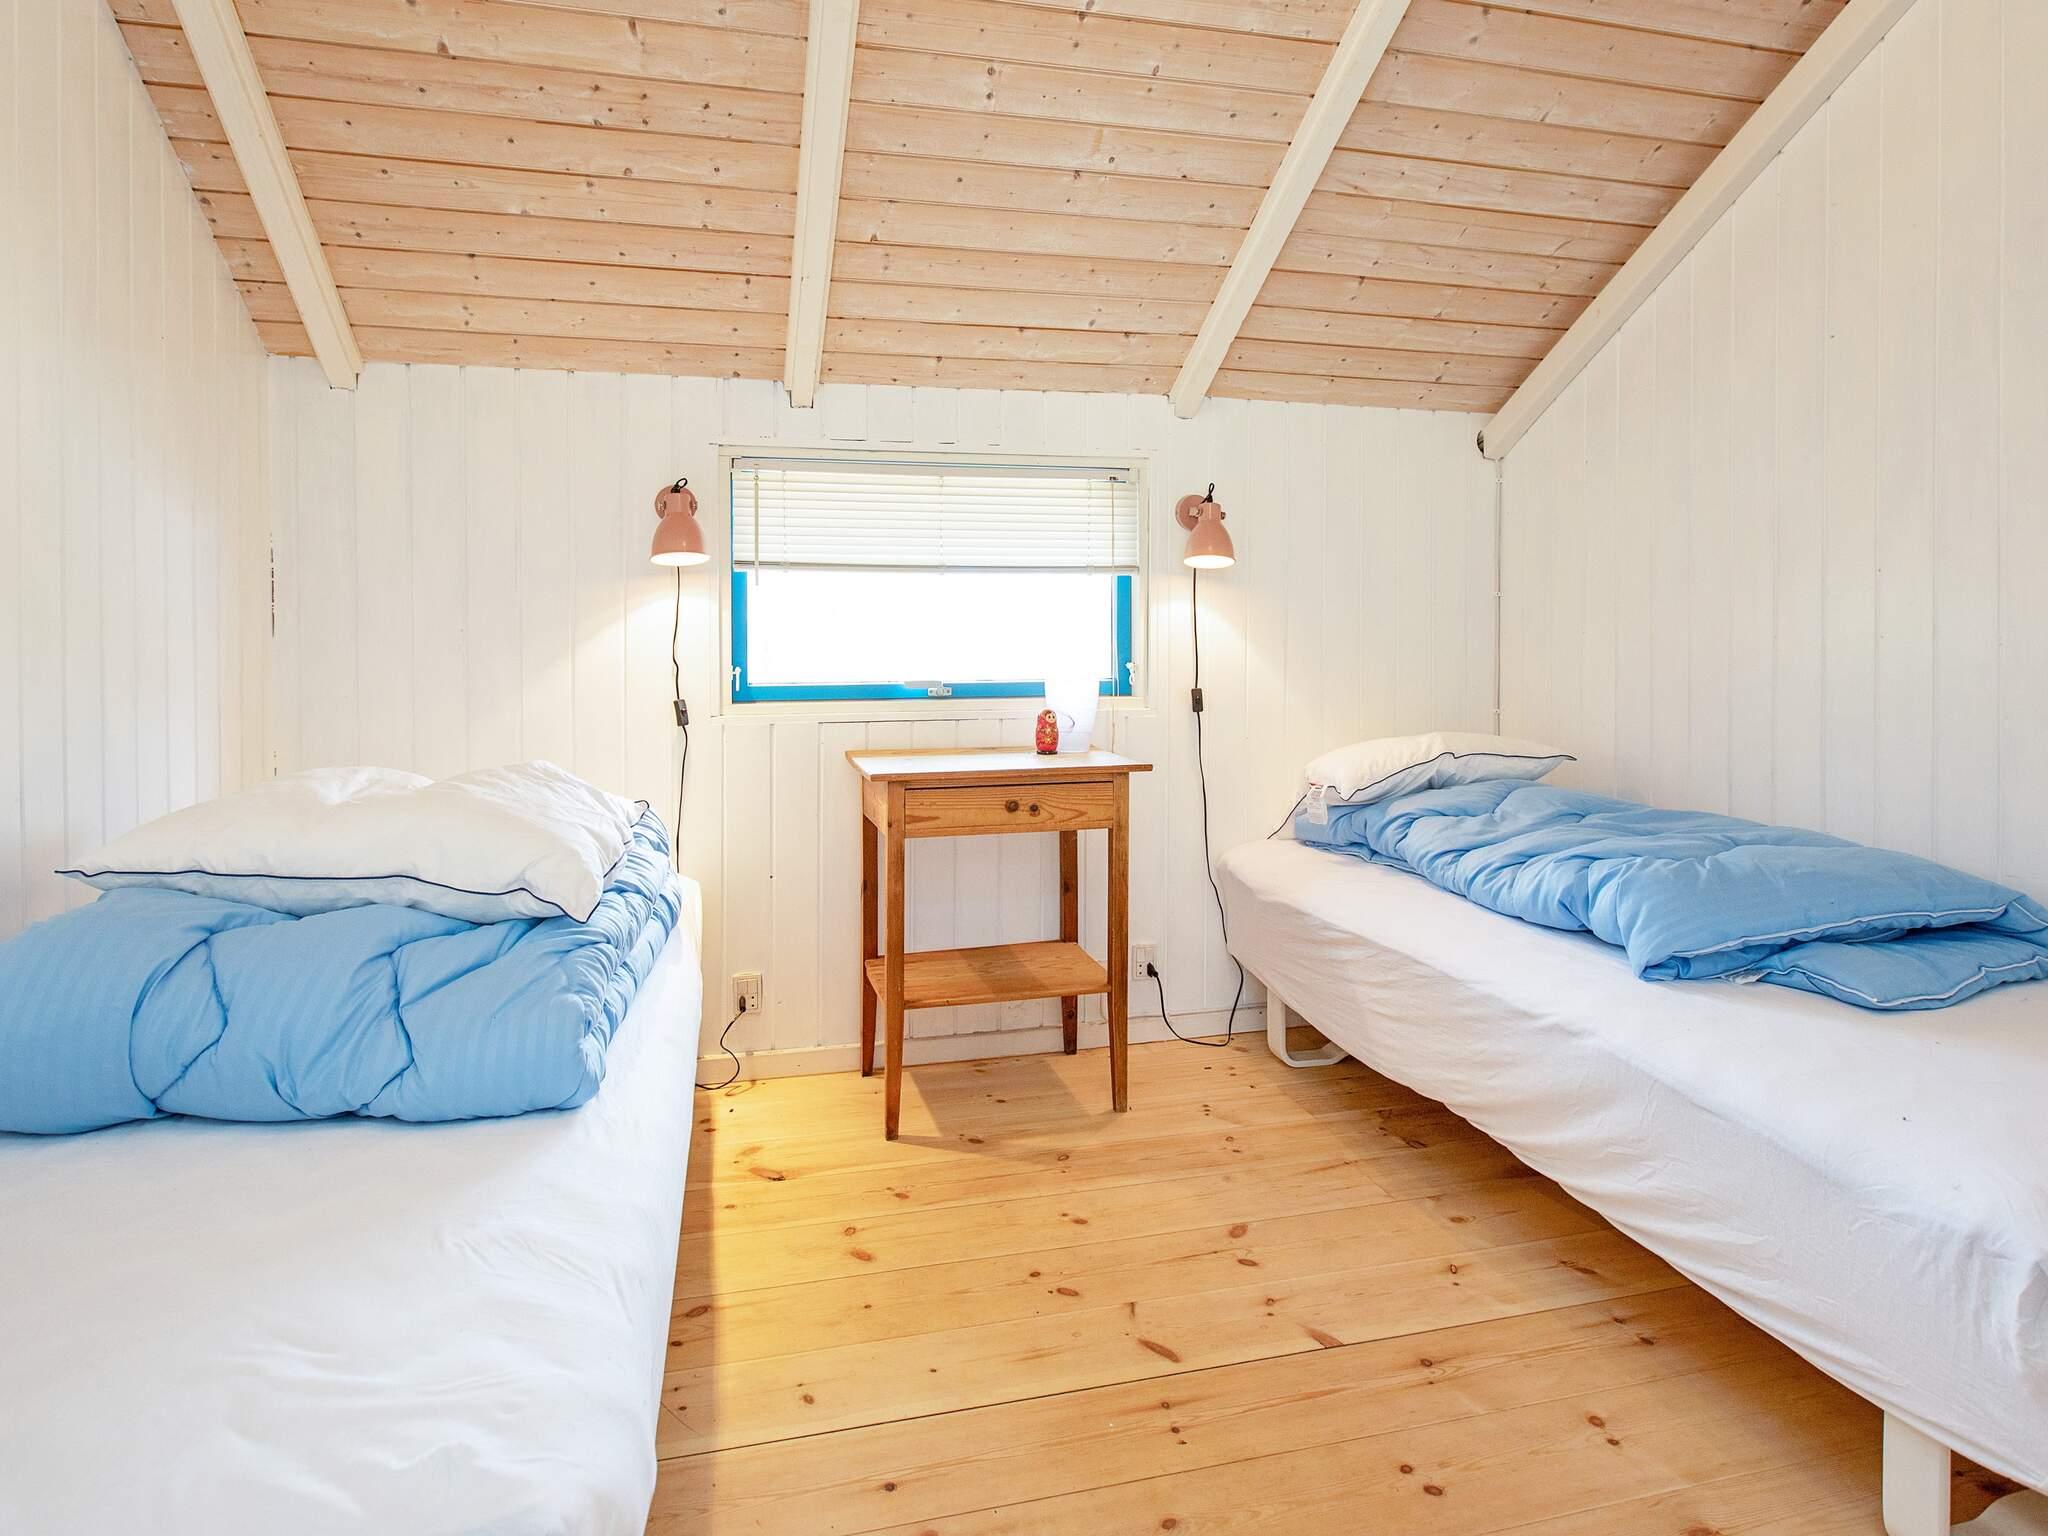 Ferienhaus Rågeleje (2563318), Græsted, , Nordseeland, Dänemark, Bild 12